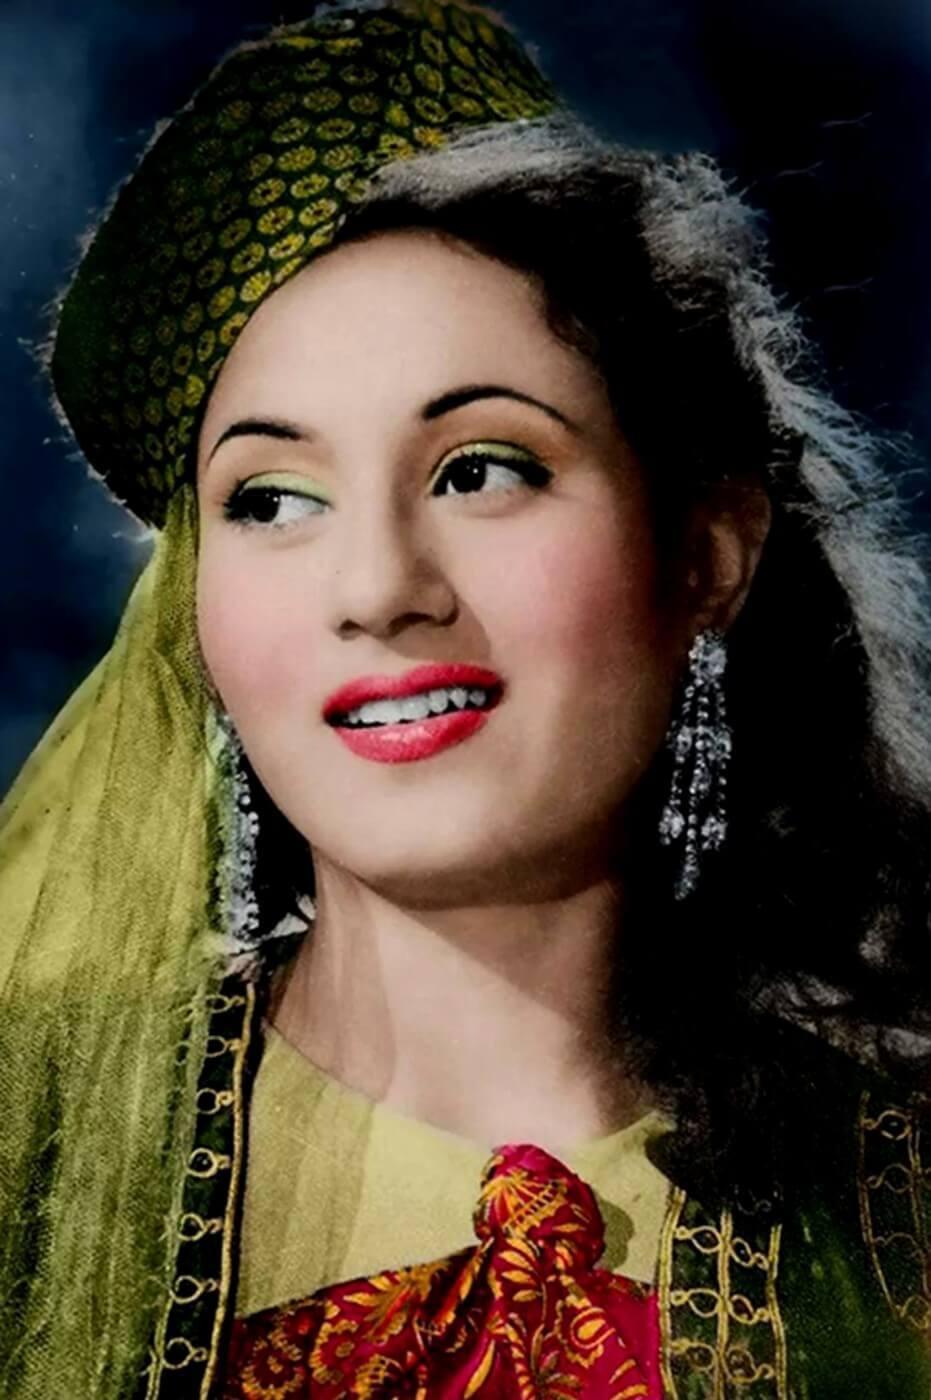 આજે બોલીવુડના જમાનાની સદાબહાર અભિનેત્રી મધુબાલાની જન્મજયંતી